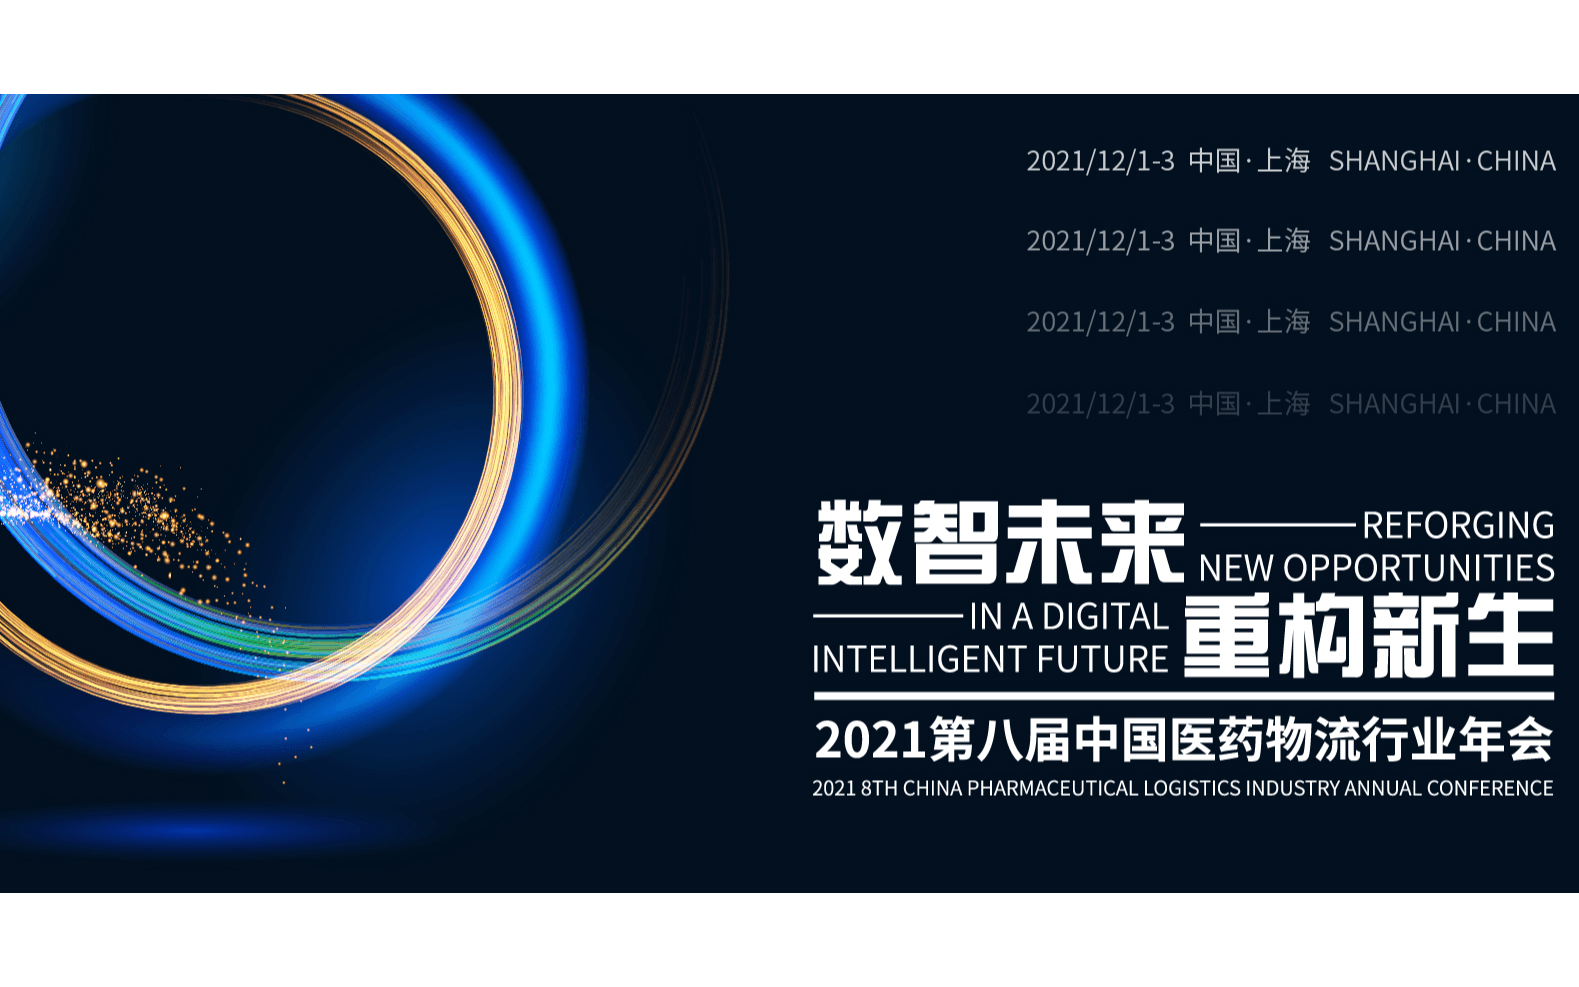 2021 第八届中国医药物流行业年会